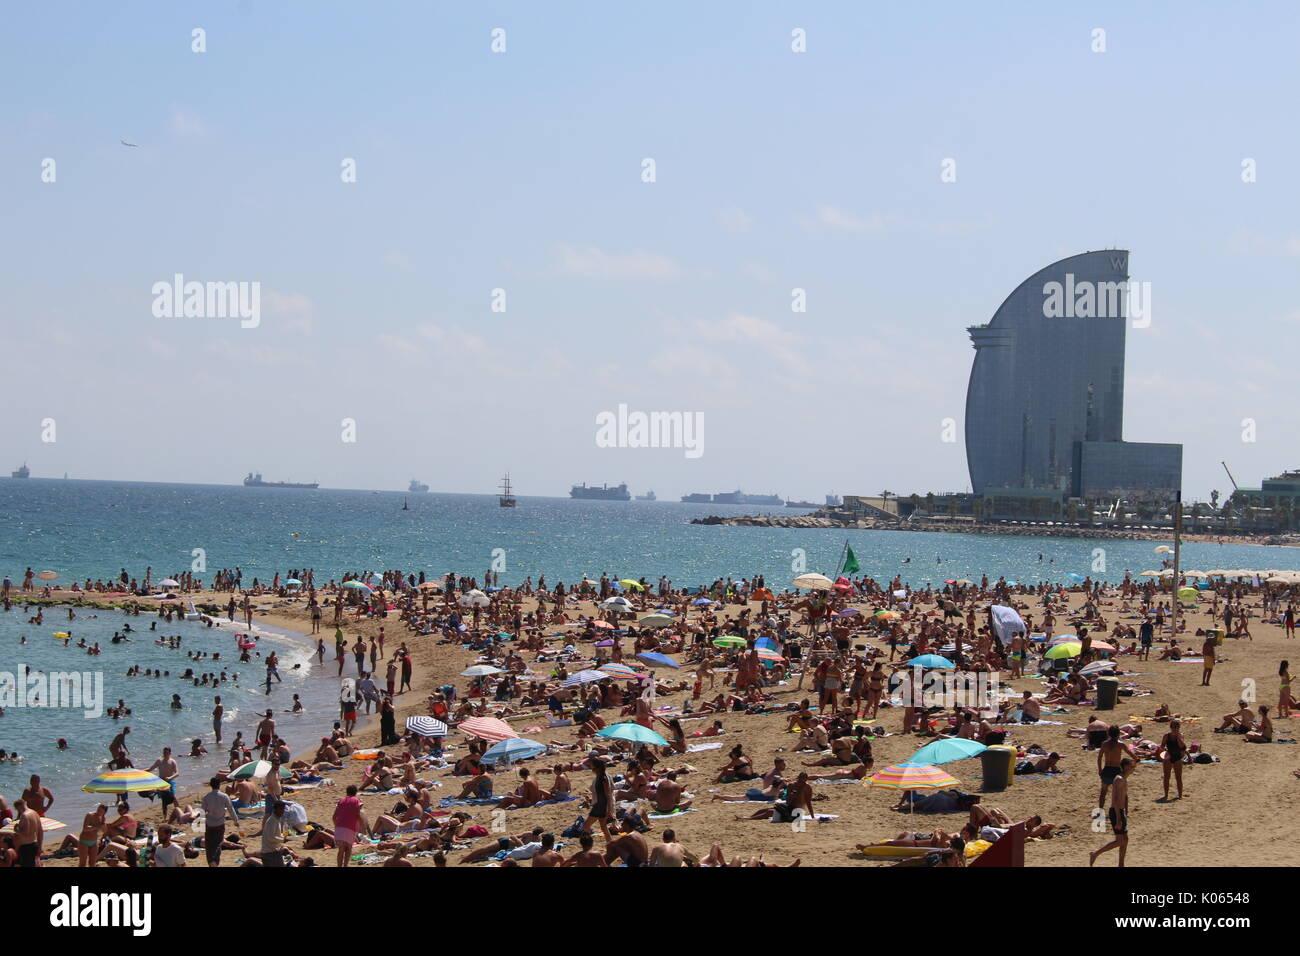 Barcelone, Espagne. Août 21, 2017. La plage de Barceloneta bondé quelques jours après l'attaque terroriste sur les Ramblas de Barcelone/Geromella Crédit: Dino Alamy Live News Banque D'Images